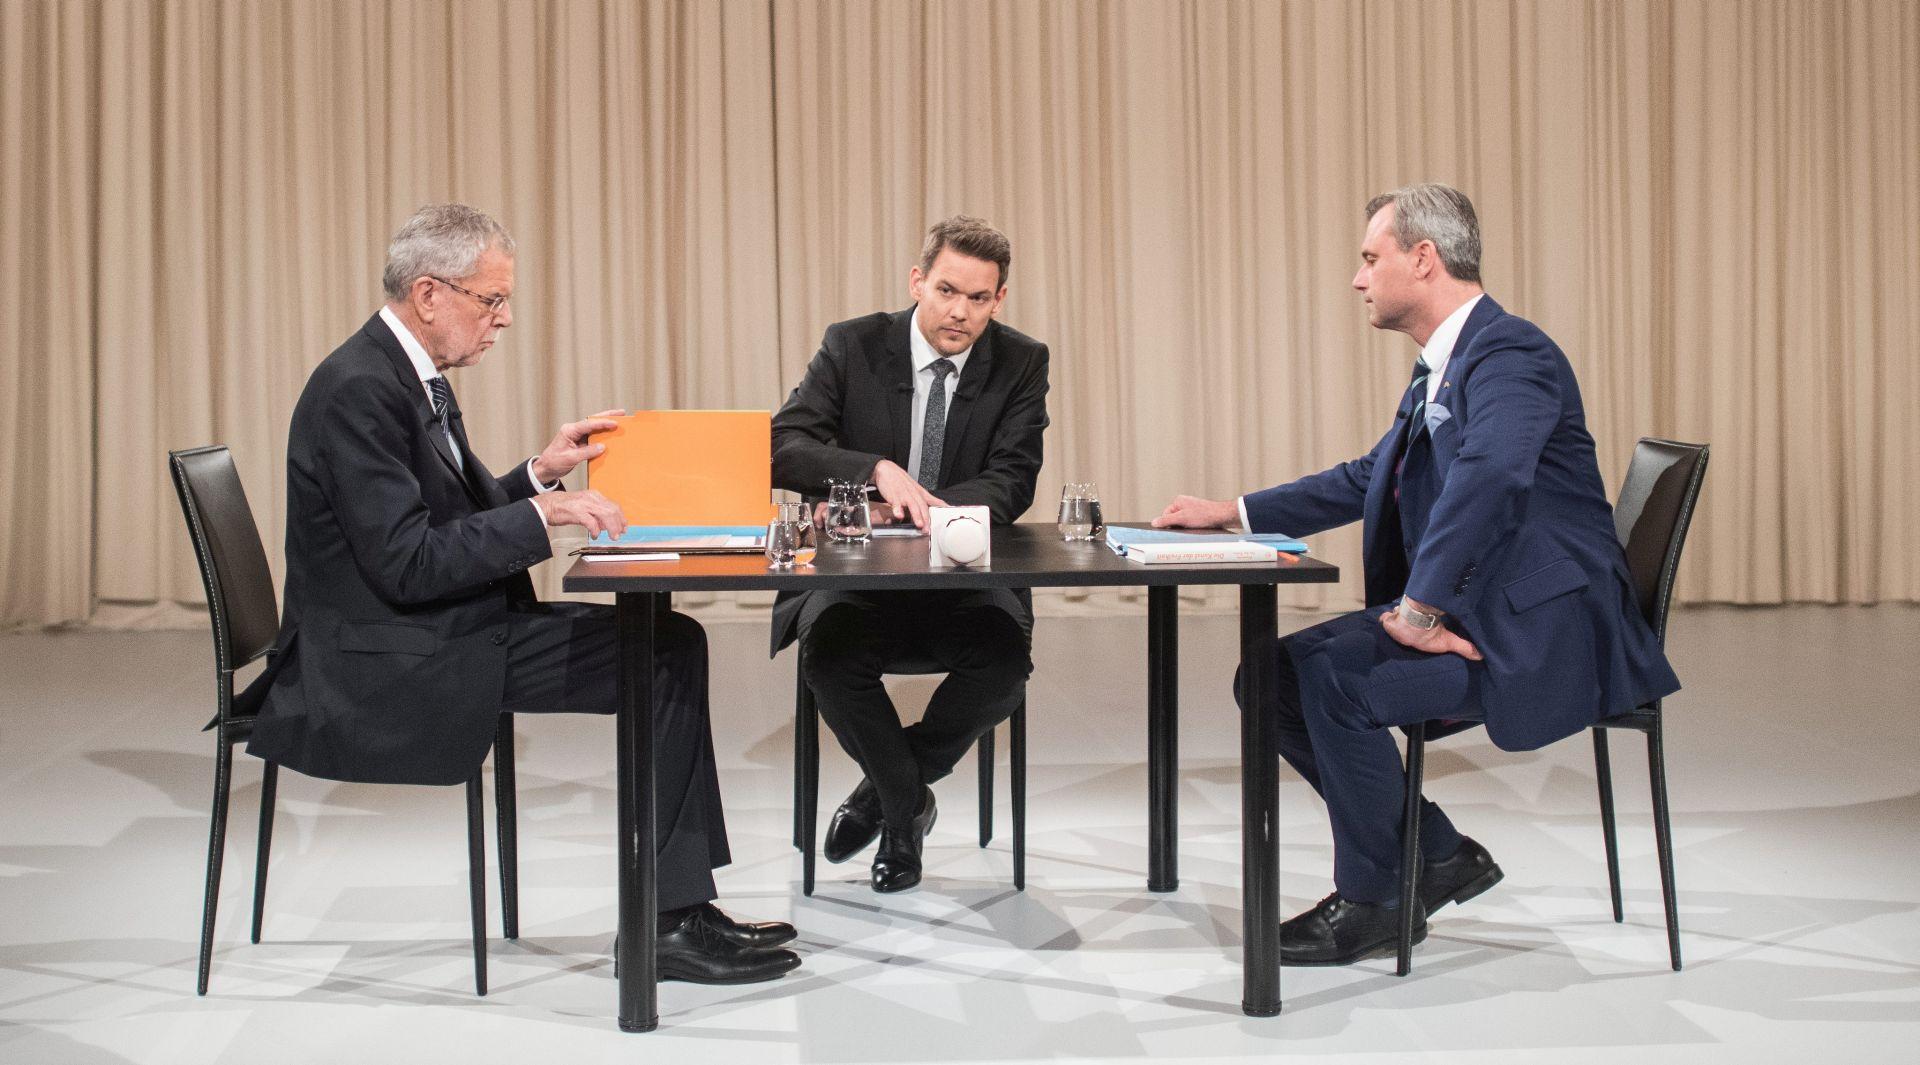 PROJEKCIJE Austrijanci nisu odabrali kandidata krajnje desnice na predsjedničkim izborima